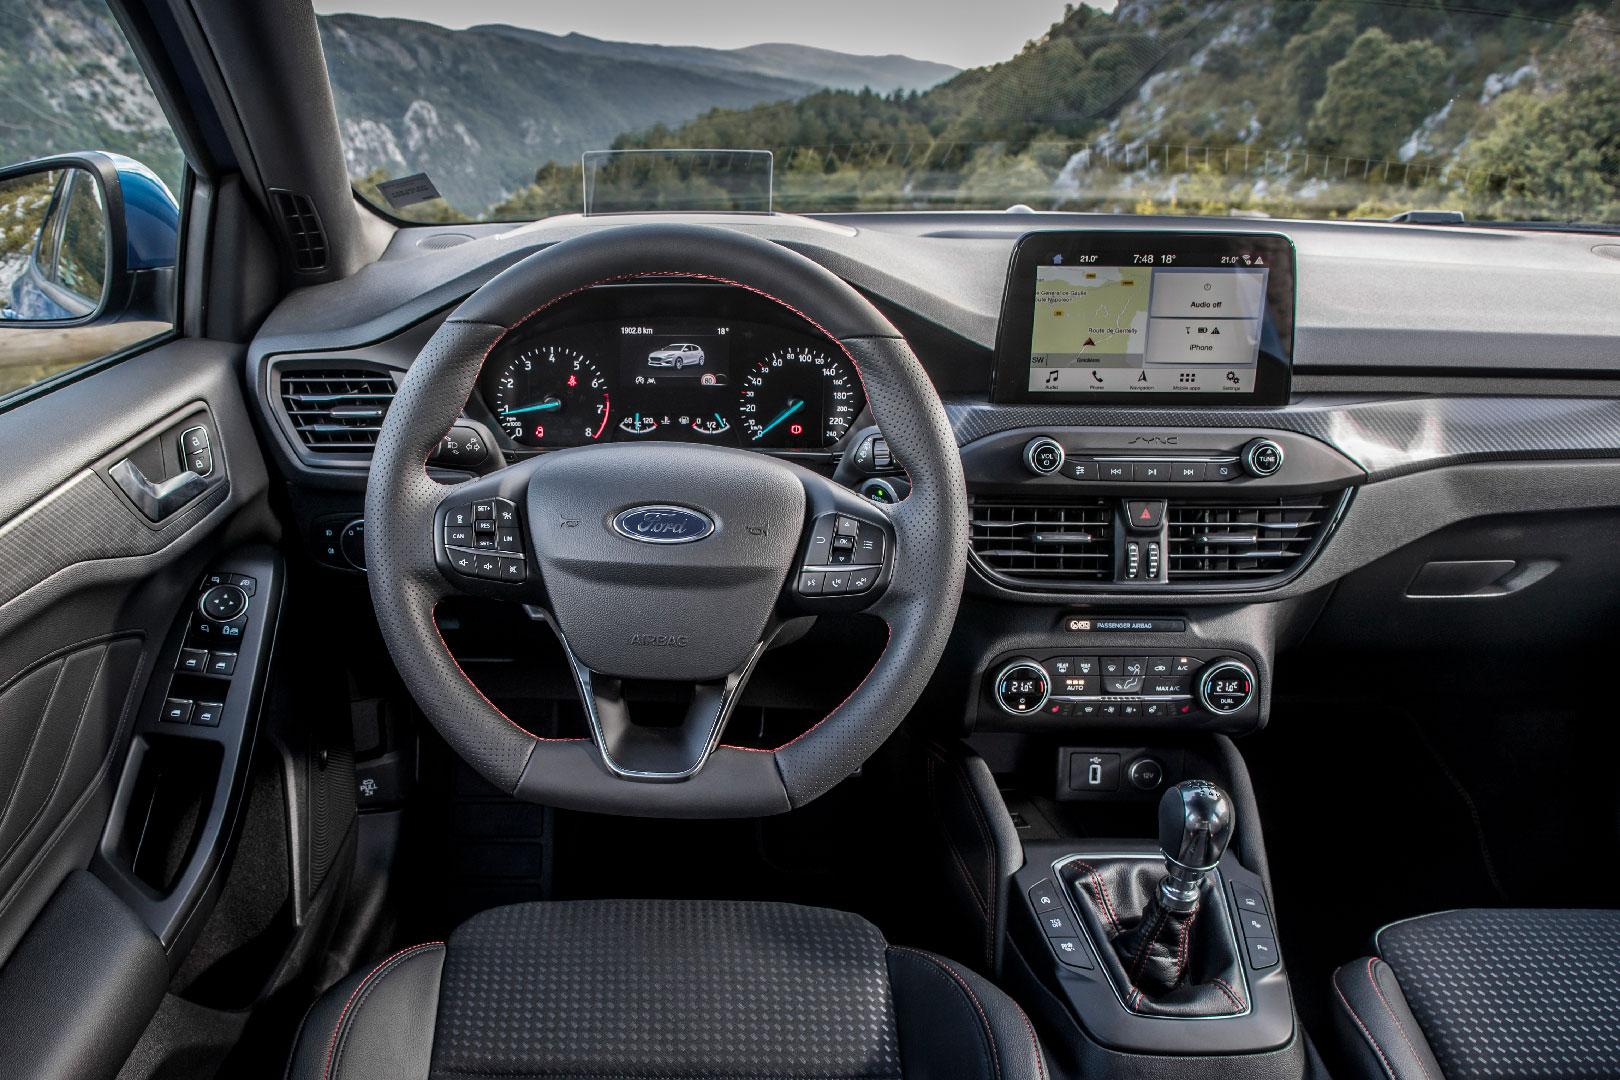 La nuova ford focus un concentrato di innovazione su ruote for Costruzione di un pollaio su ruote